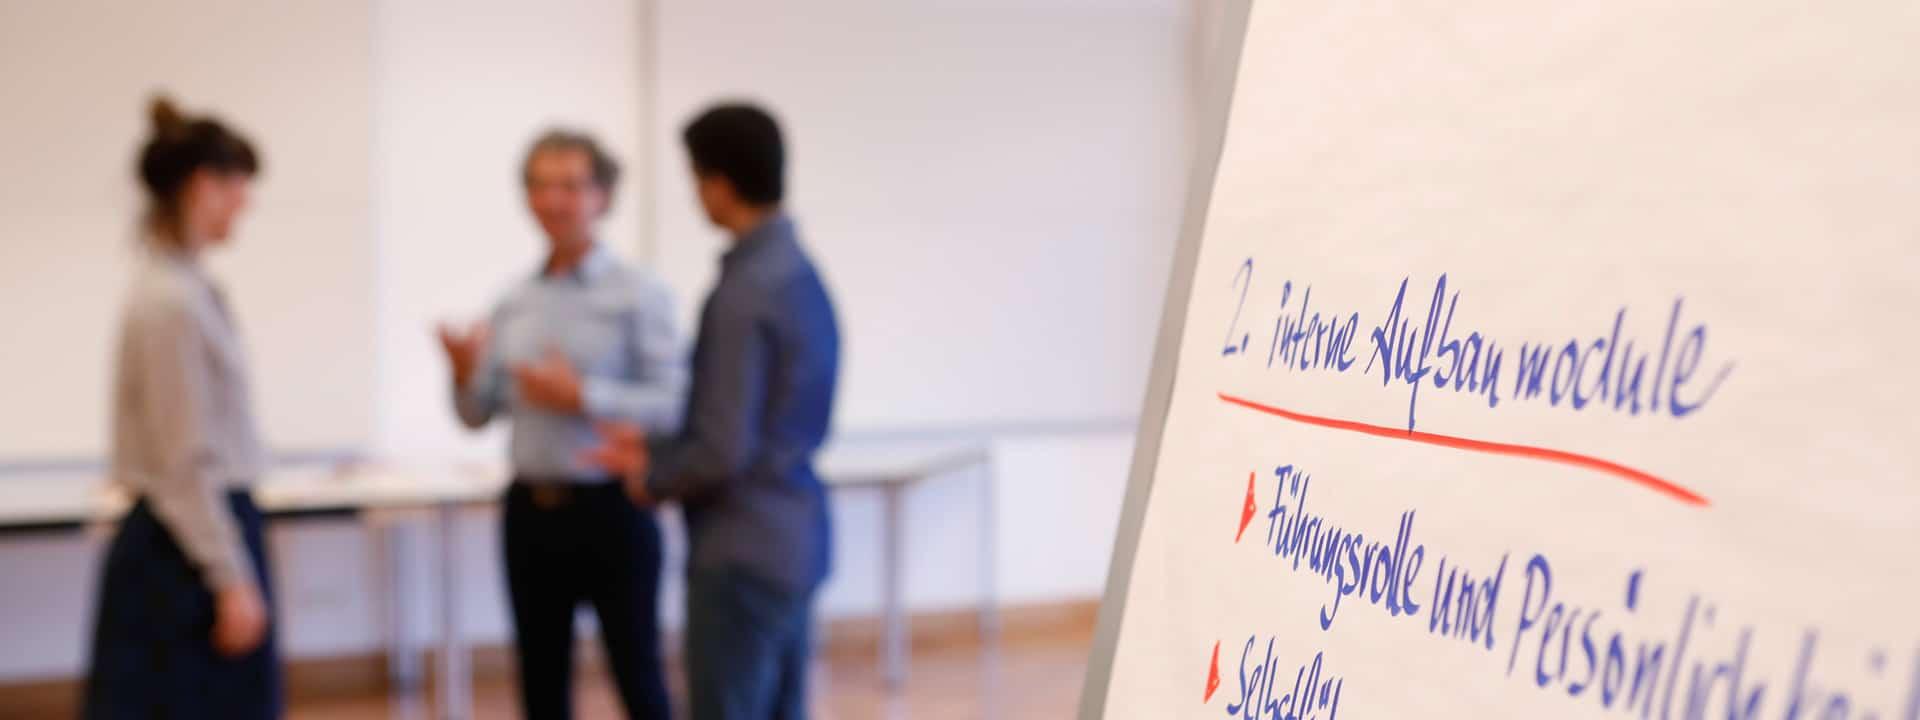 Bild: Unternehmensloesungen, Aufbaumodule, Führung und Persönlichkeit, Achtsamkeit